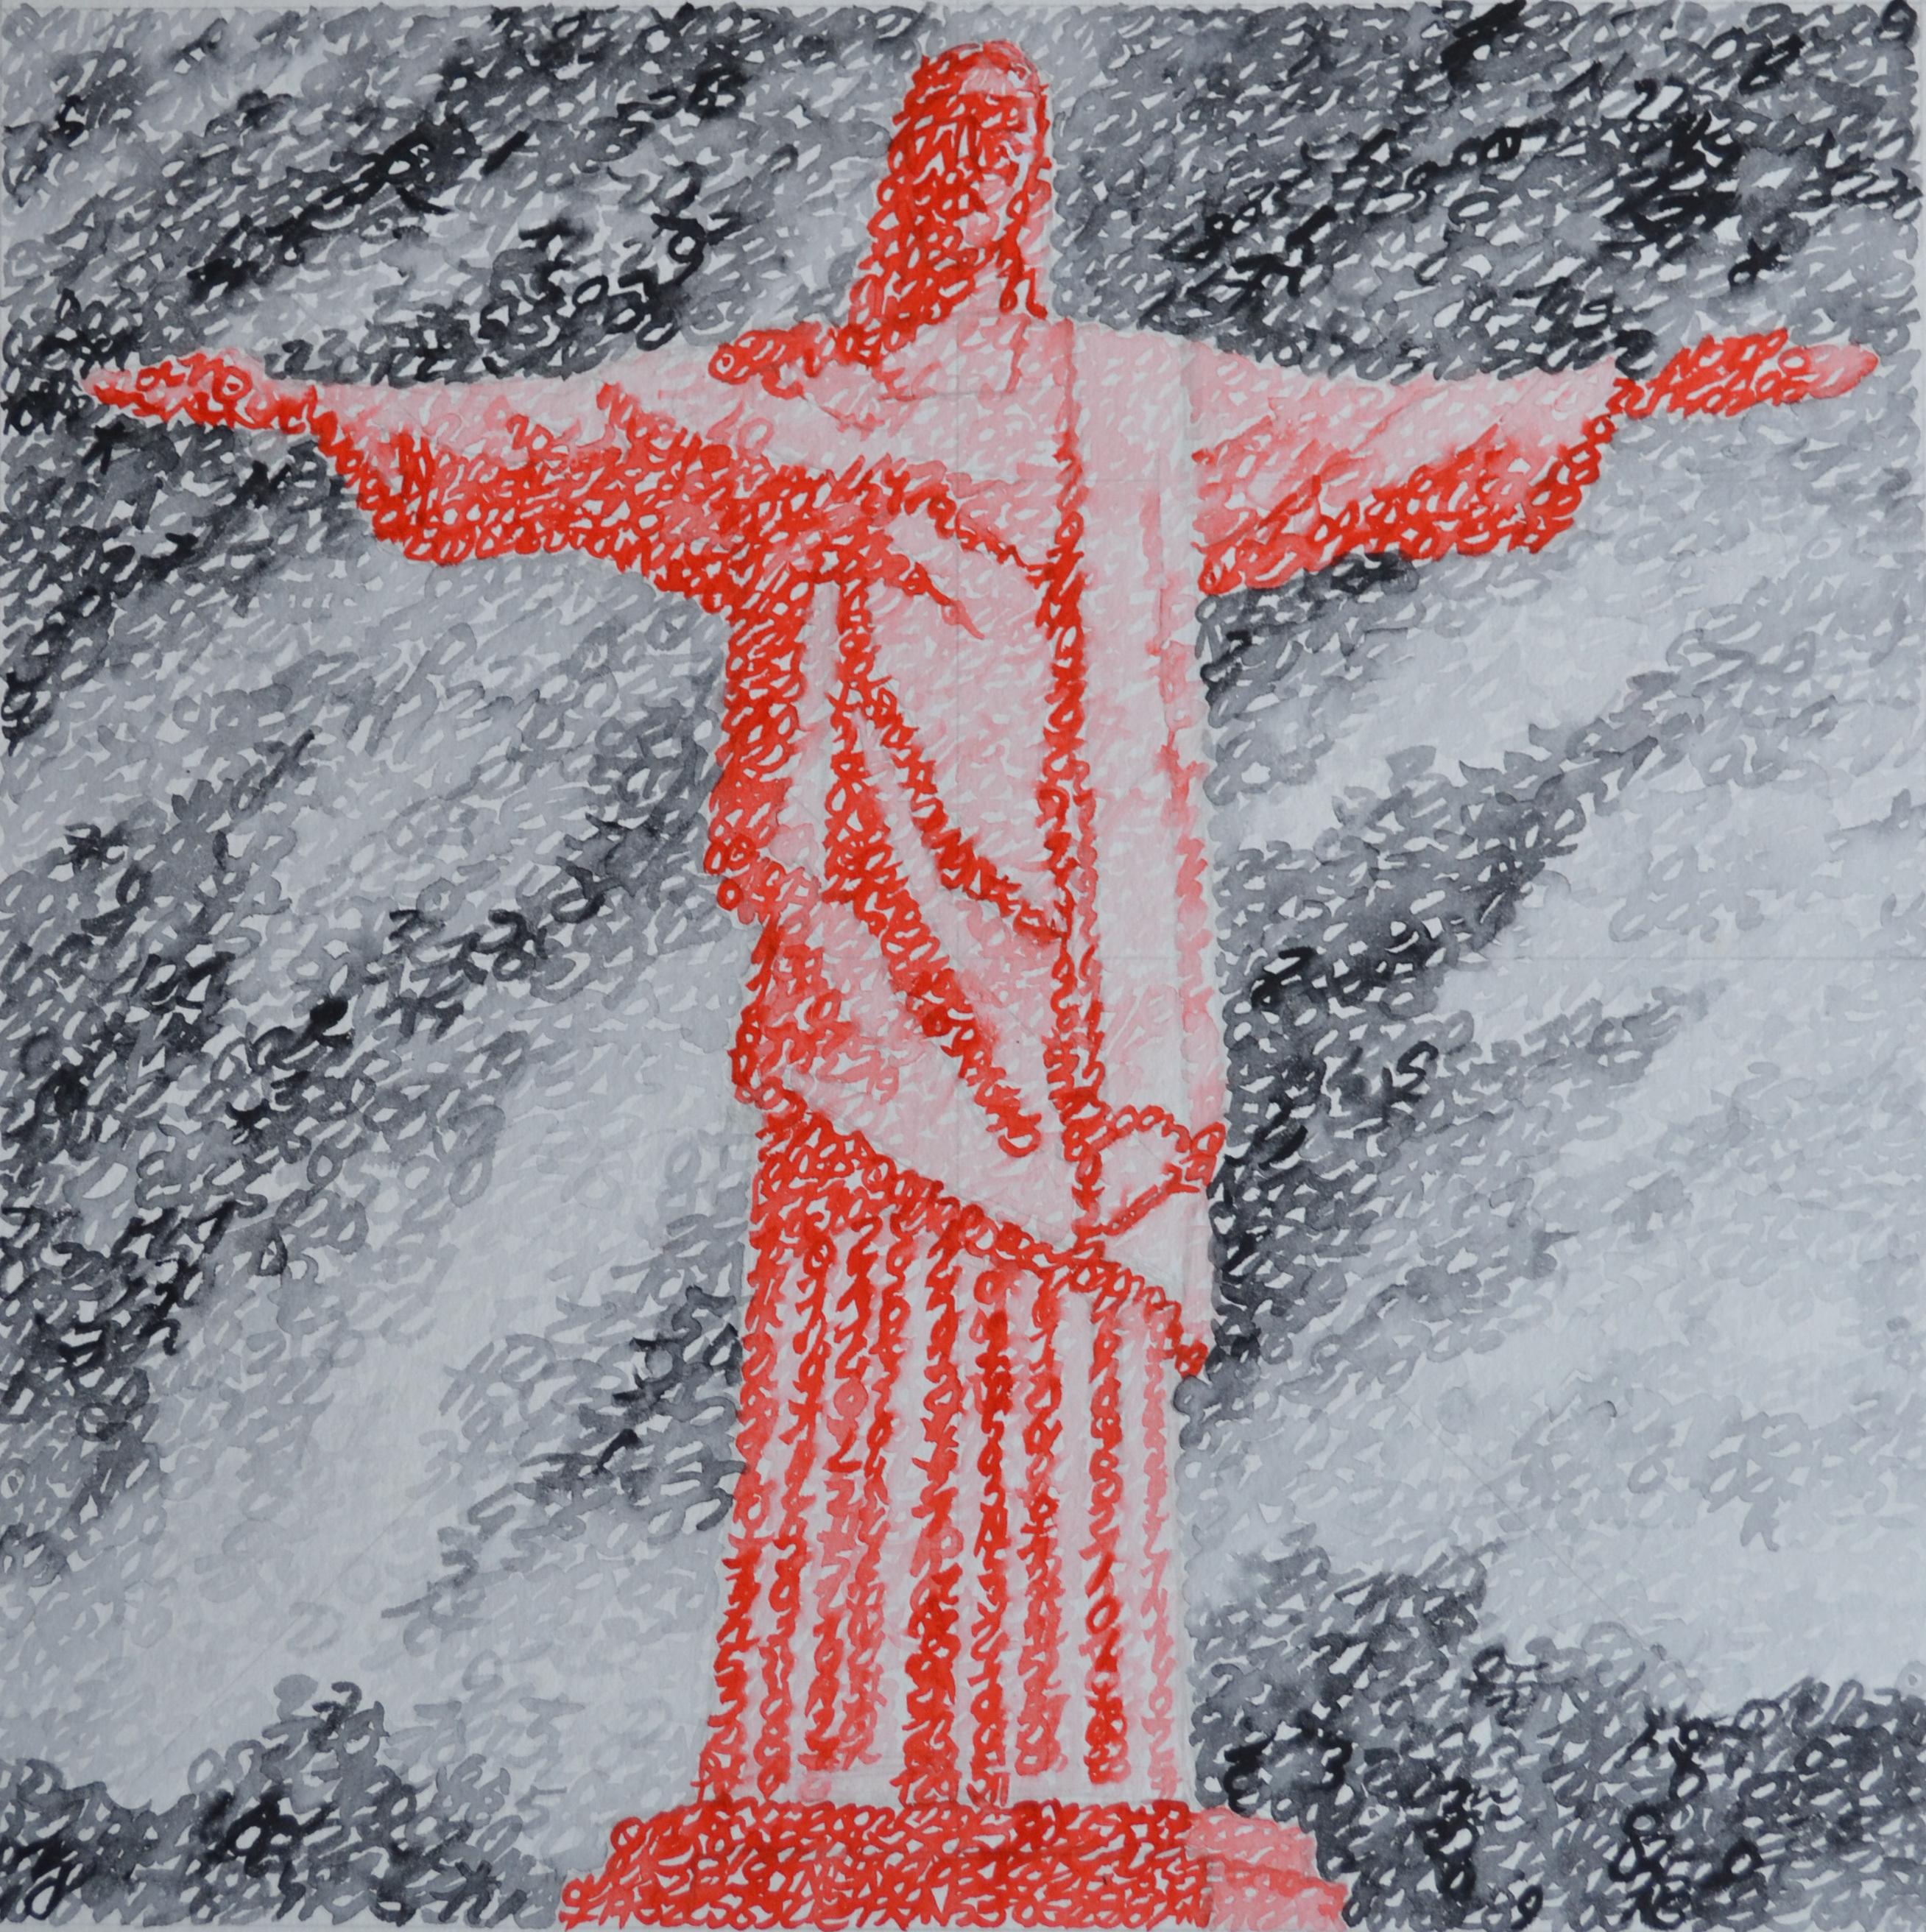 Covid-19, le Brésil, Rio de Janeiro, Christ Rédempteur, 03.08.2020, aquarelle sur papier, 33 x 33 cm. Représentation du Christ Rédempteur par la notation de position des planètes le 3 août 2020.